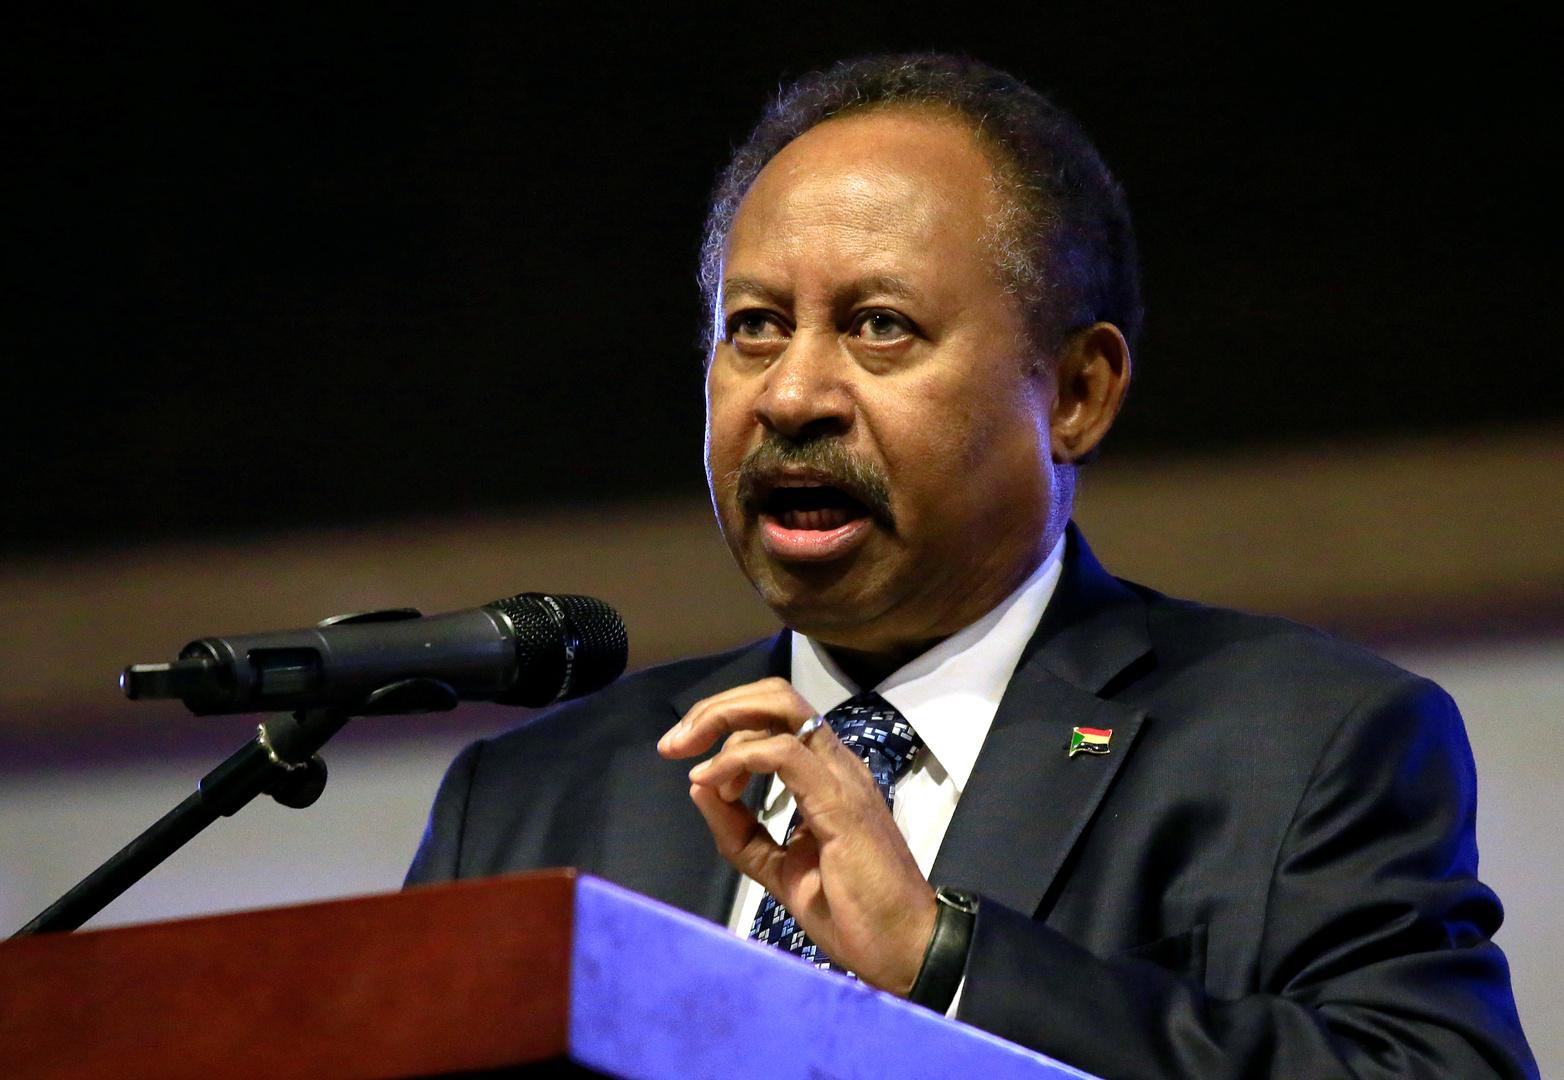 حمدوك يطالب الحكومة السودانية بتقديم استقالتها بعد توقيع اتفاق سلام مع الحركات المسلحة